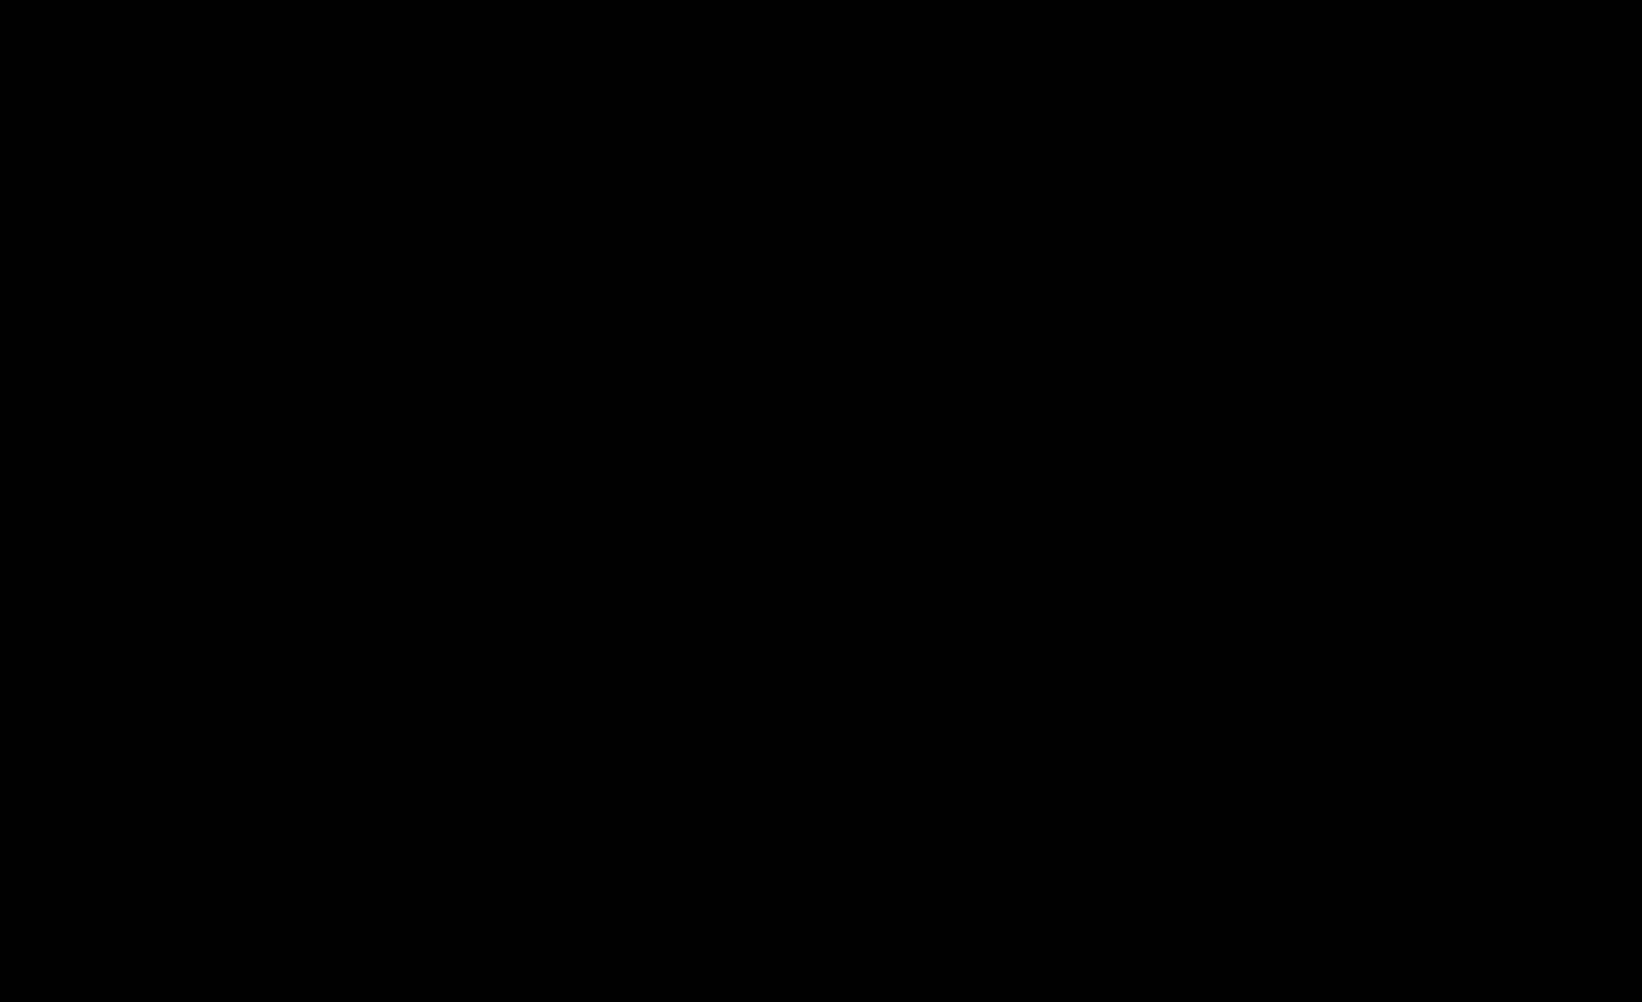 TENSTICKERS. ブラックフライデーセールオールウィークウィンドウデカール. 販売期間にちょうど間に合うように、ショーウィンドウ用のブラックフライデーステッカー。最初の注文が10%オフになるように、当社のwebサイトにサインアップしてください。